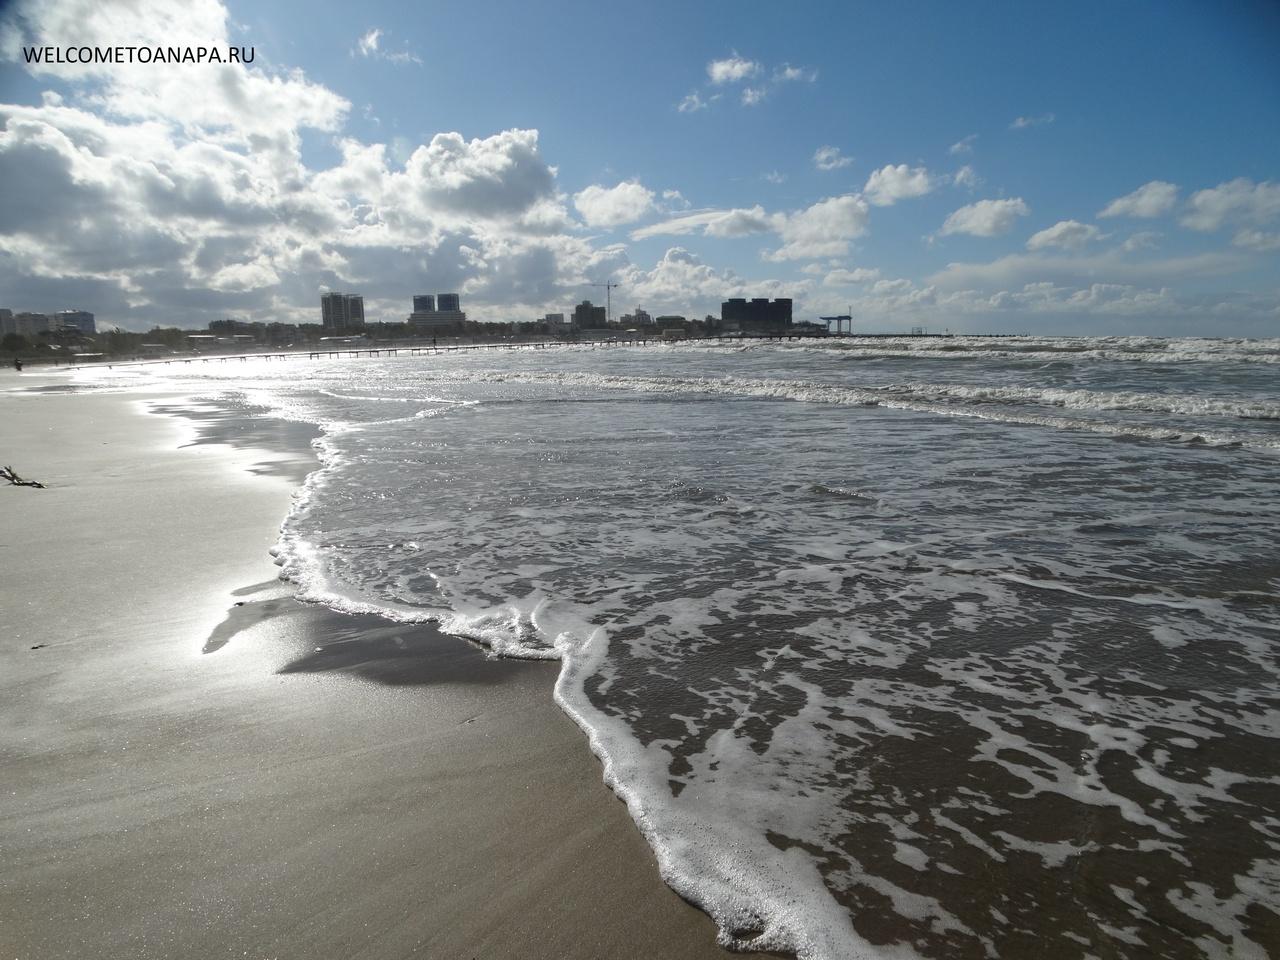 Пляжи Анапы 2018: песчаные, галечные, для детей, дикие 98